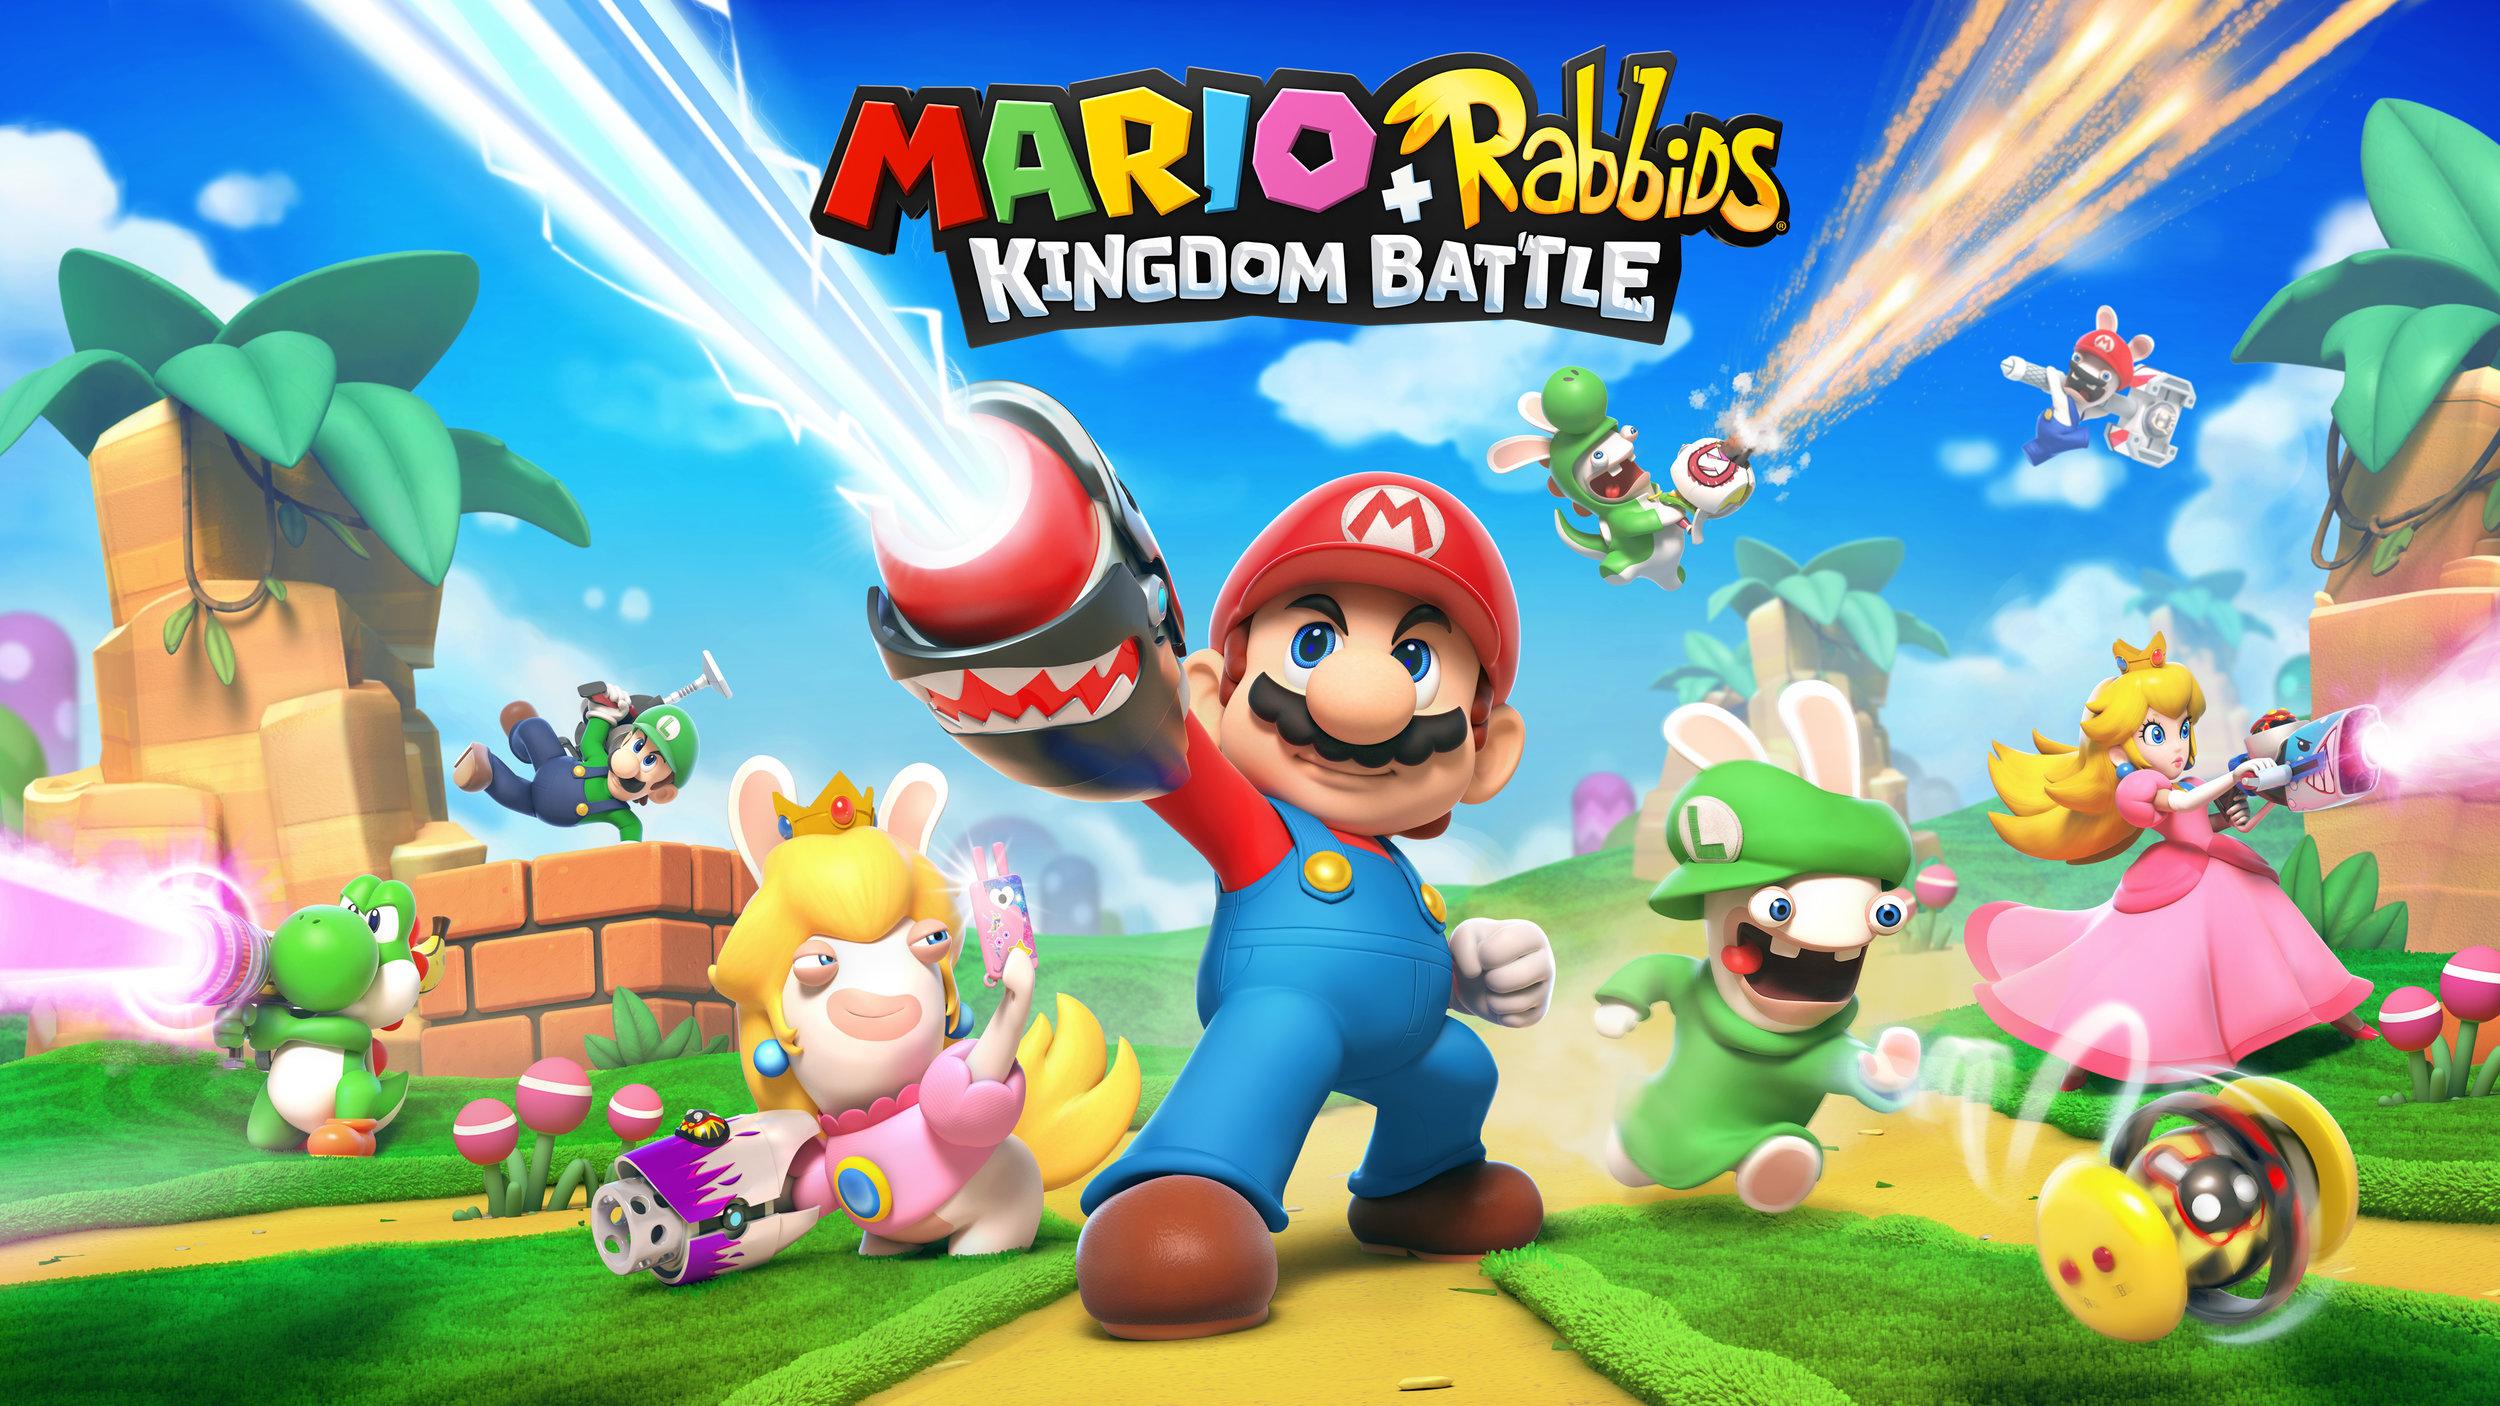 Mario has a friggin gun!